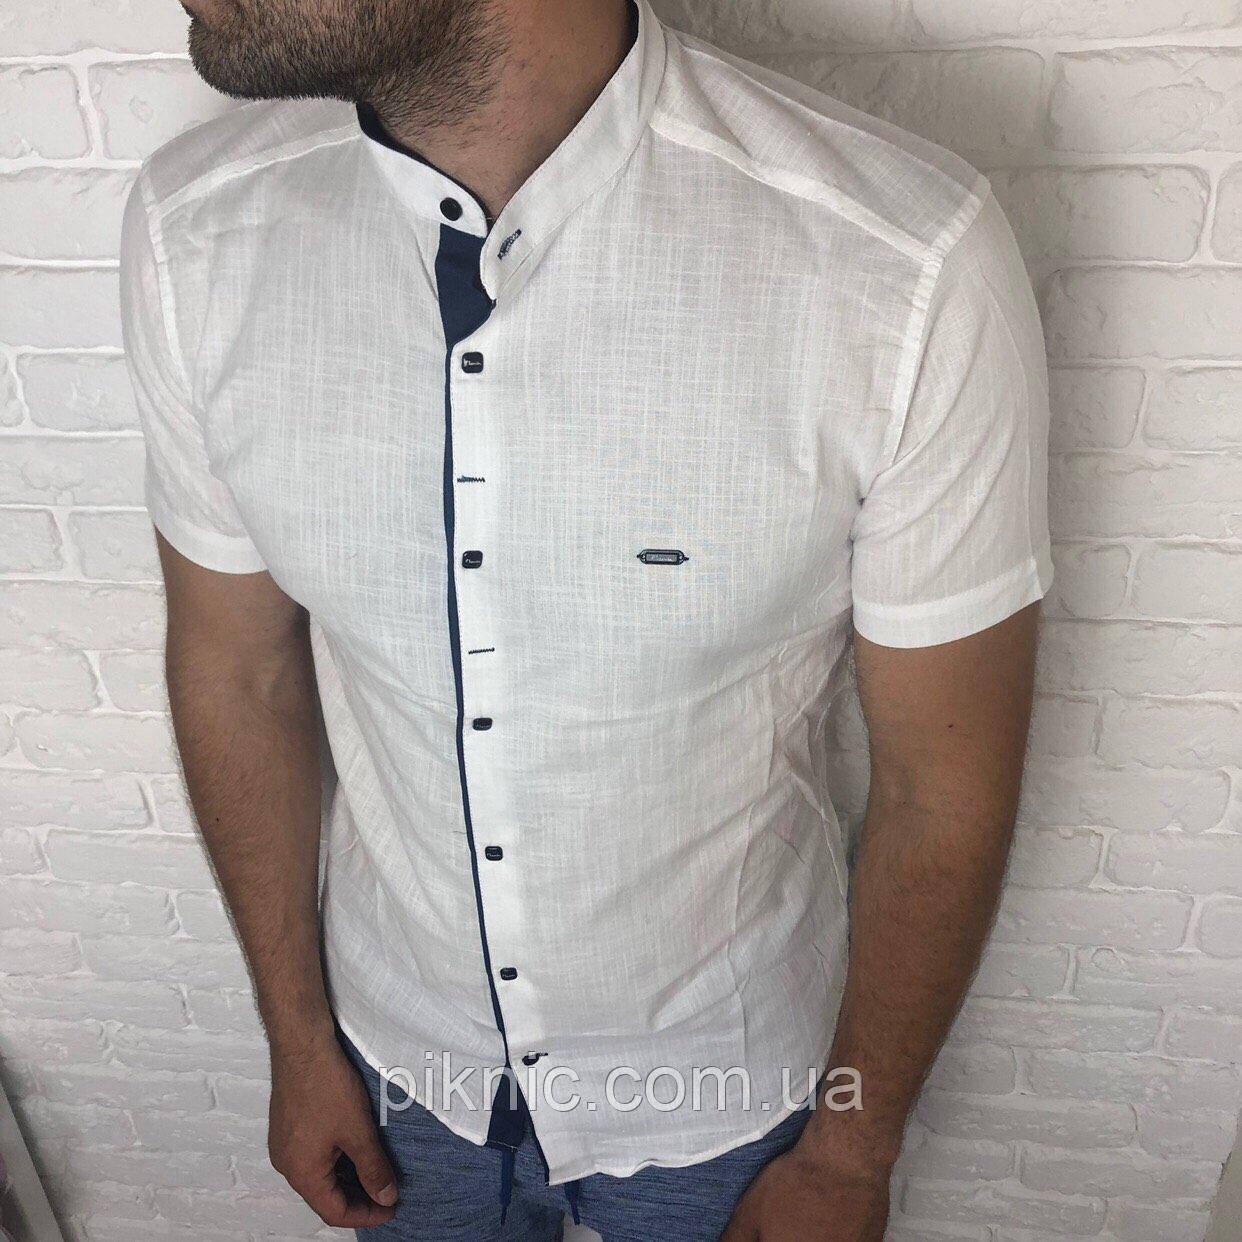 Рубашка приталенная XL (48) короткий рукав, мужская, слим. Турция турецкая мужская, лен Светлый